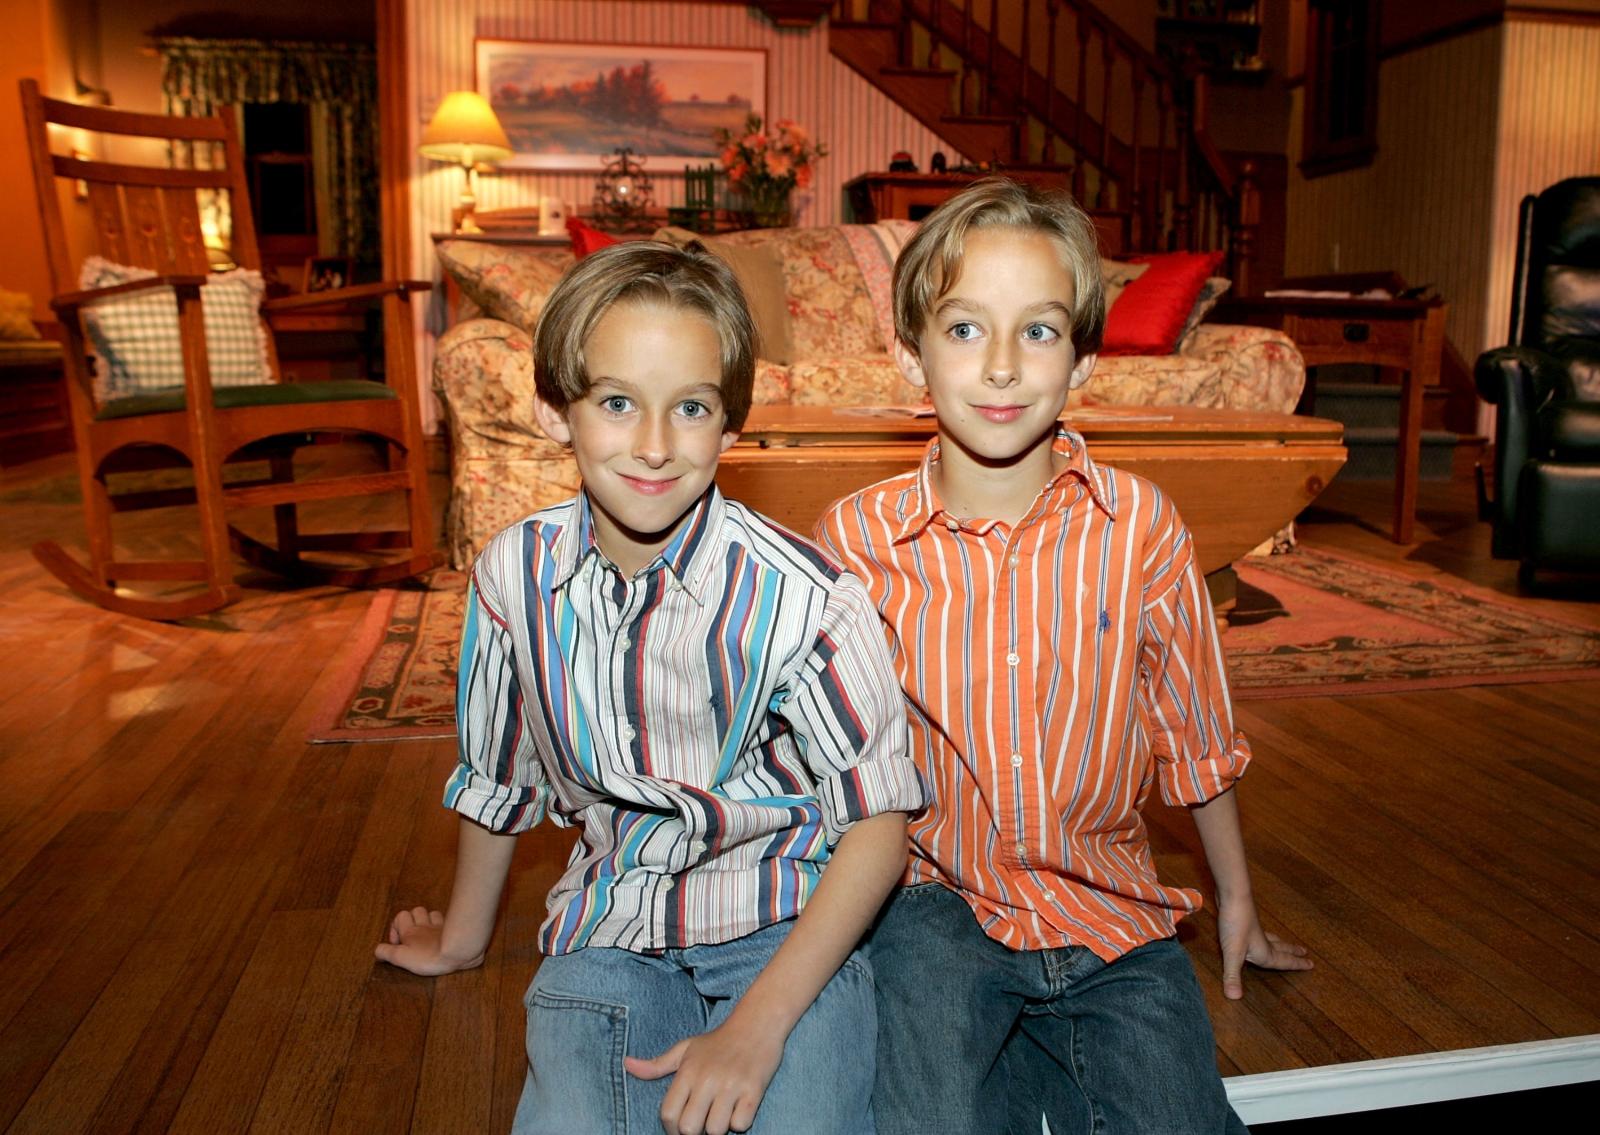 Sawyer Sweeten and Sullivan Sweeten